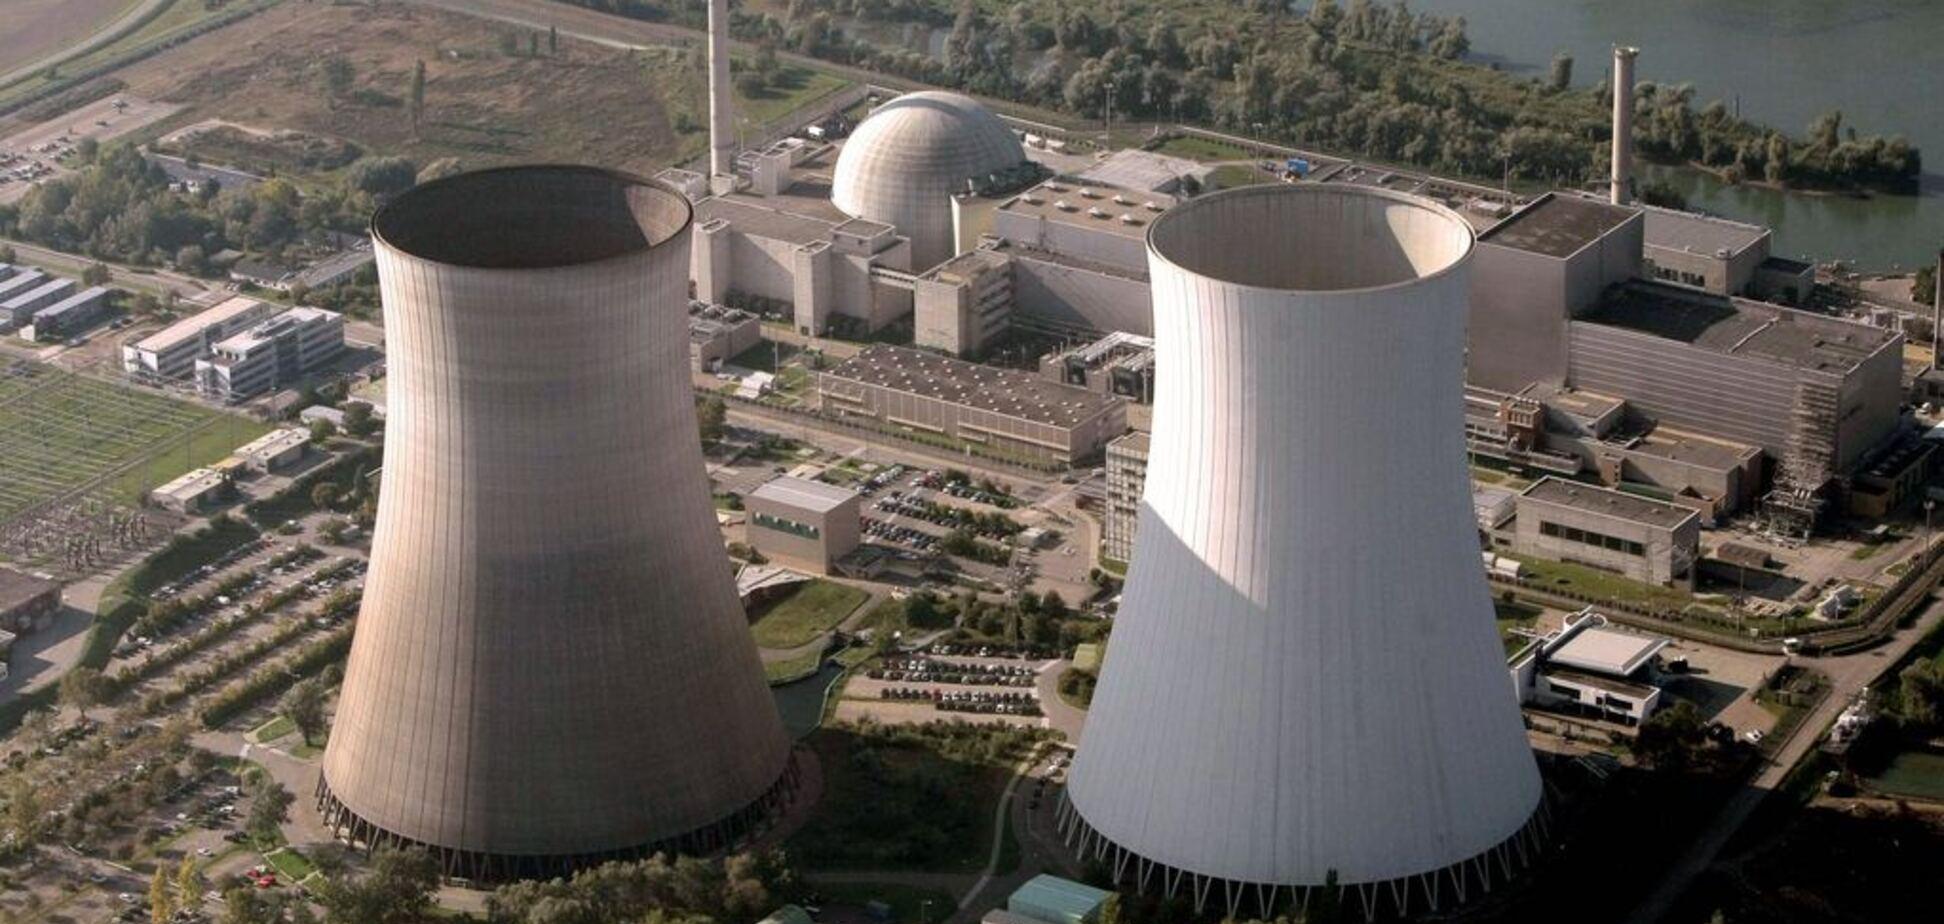 Німеччина в новорічну ніч втратила атомну електростанцію